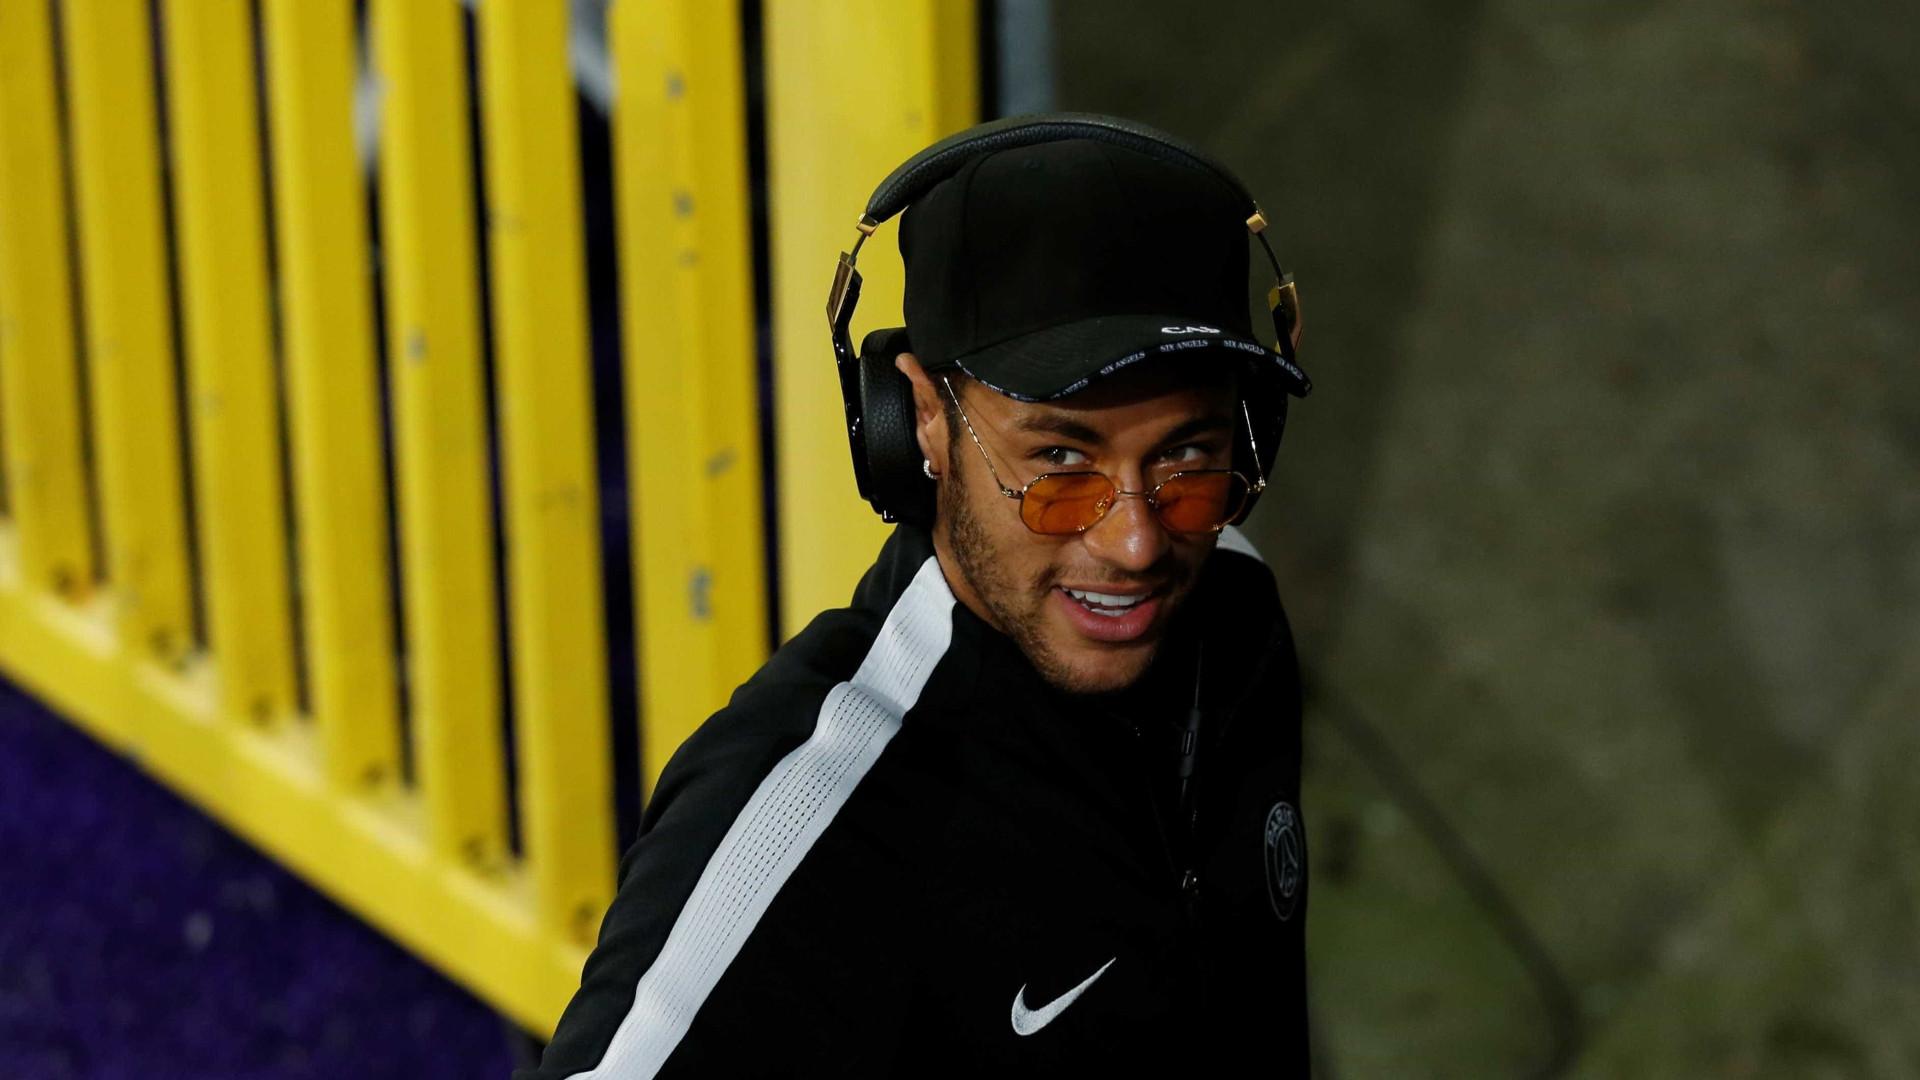 Apressado, Neymar se atrasa para jogo festivo e mantém mistério